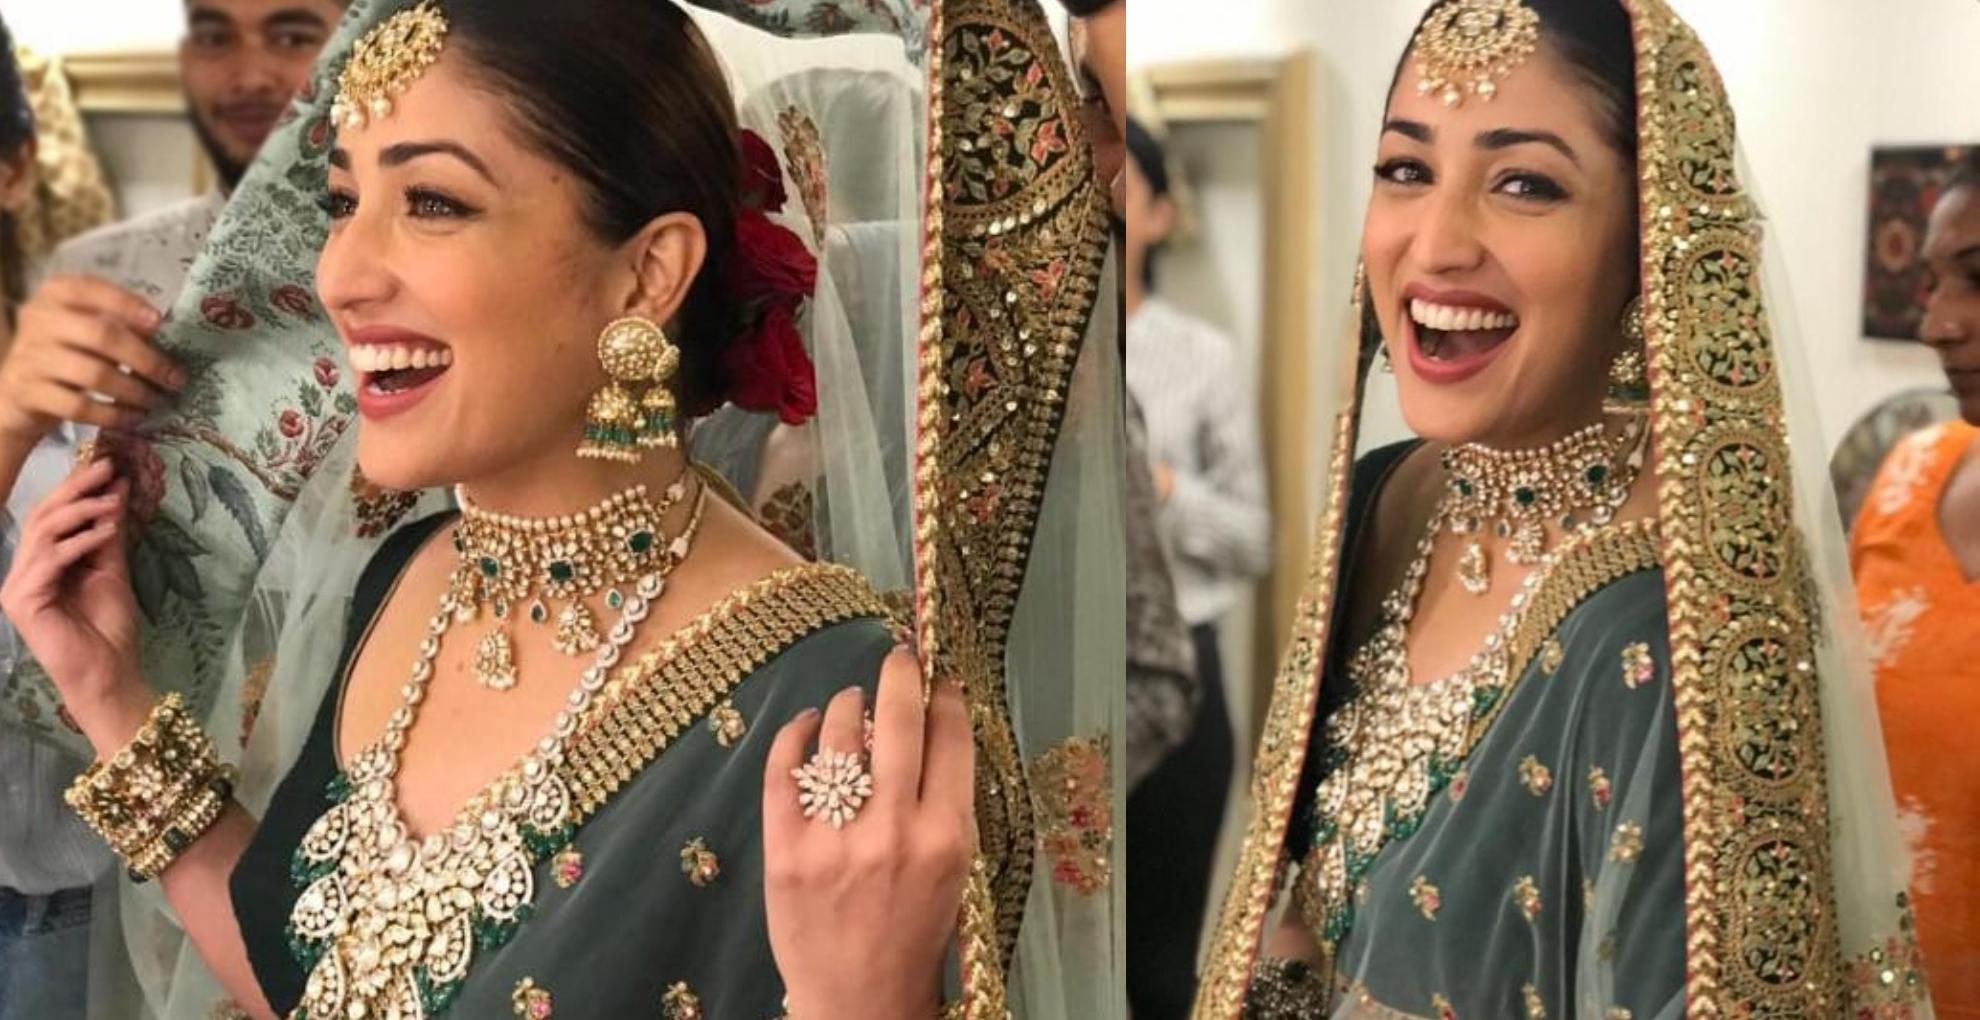 Wedding Tips: लहंगे में यूं दिखा यामी गौतम का ब्राइडल लुक, आप भी शादी में ट्राय कर सकती हैं ये ट्रेंडी स्टाइल